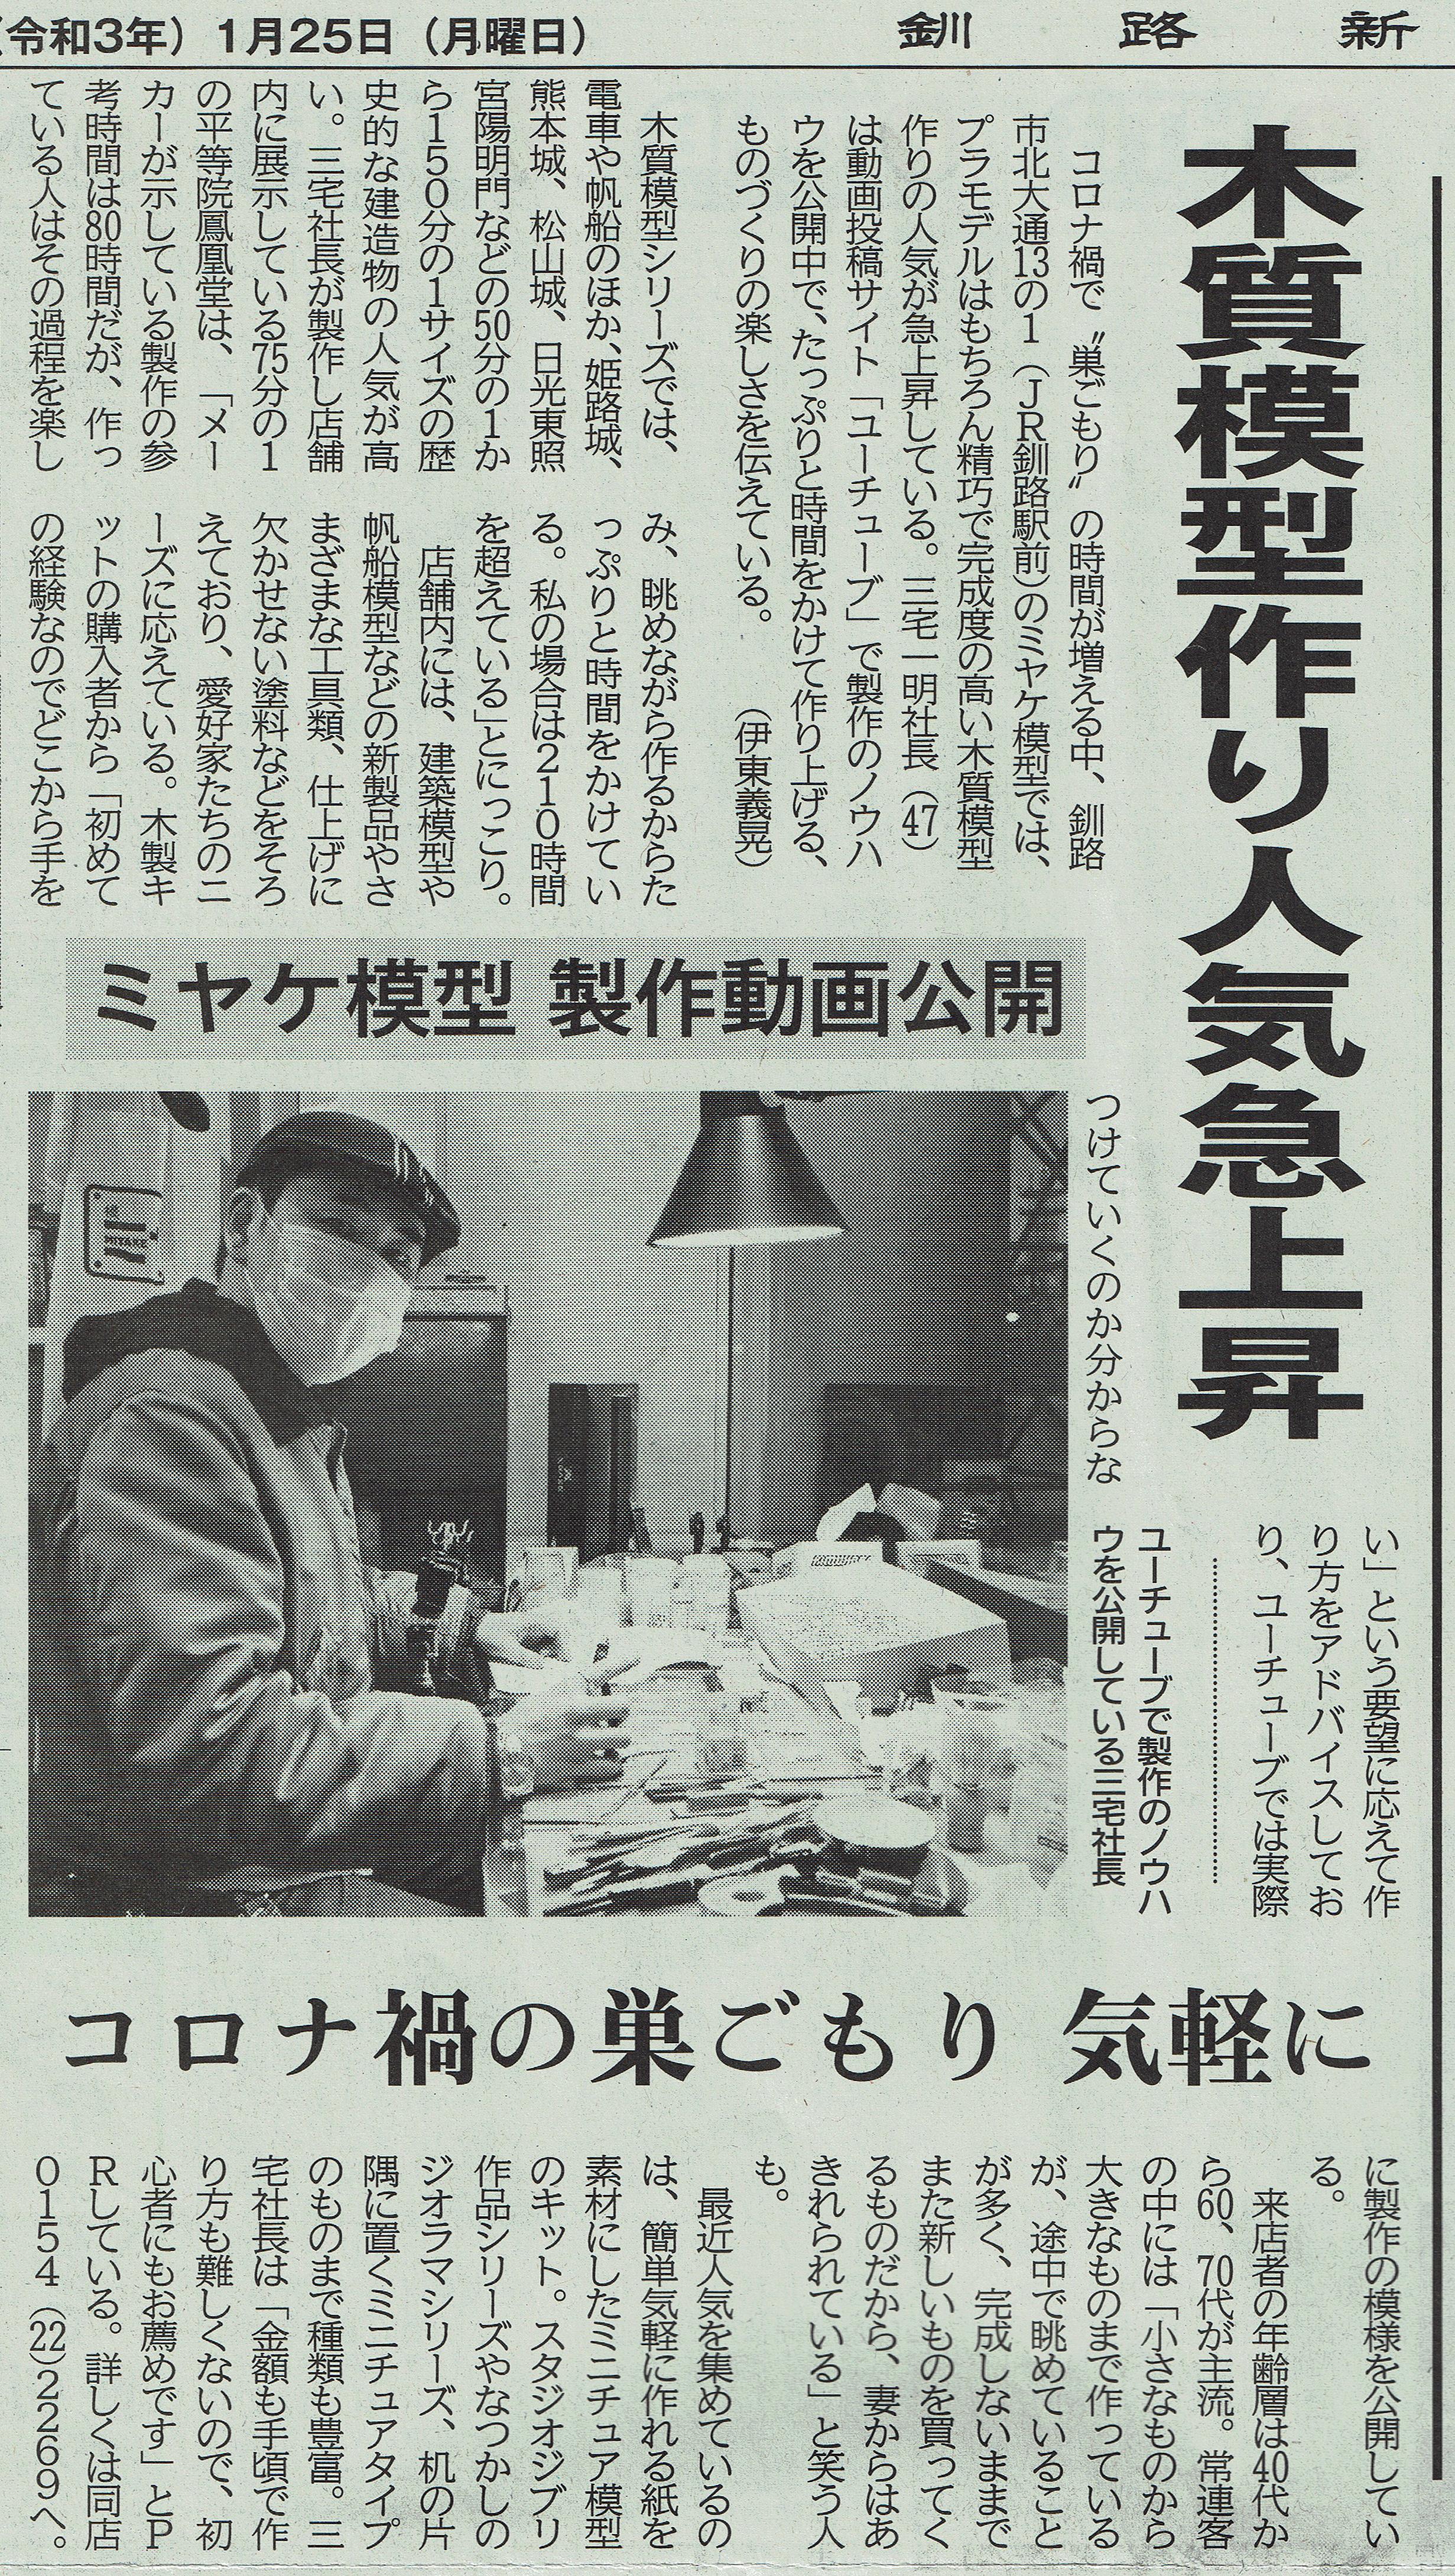 2021-1-25釧路新聞